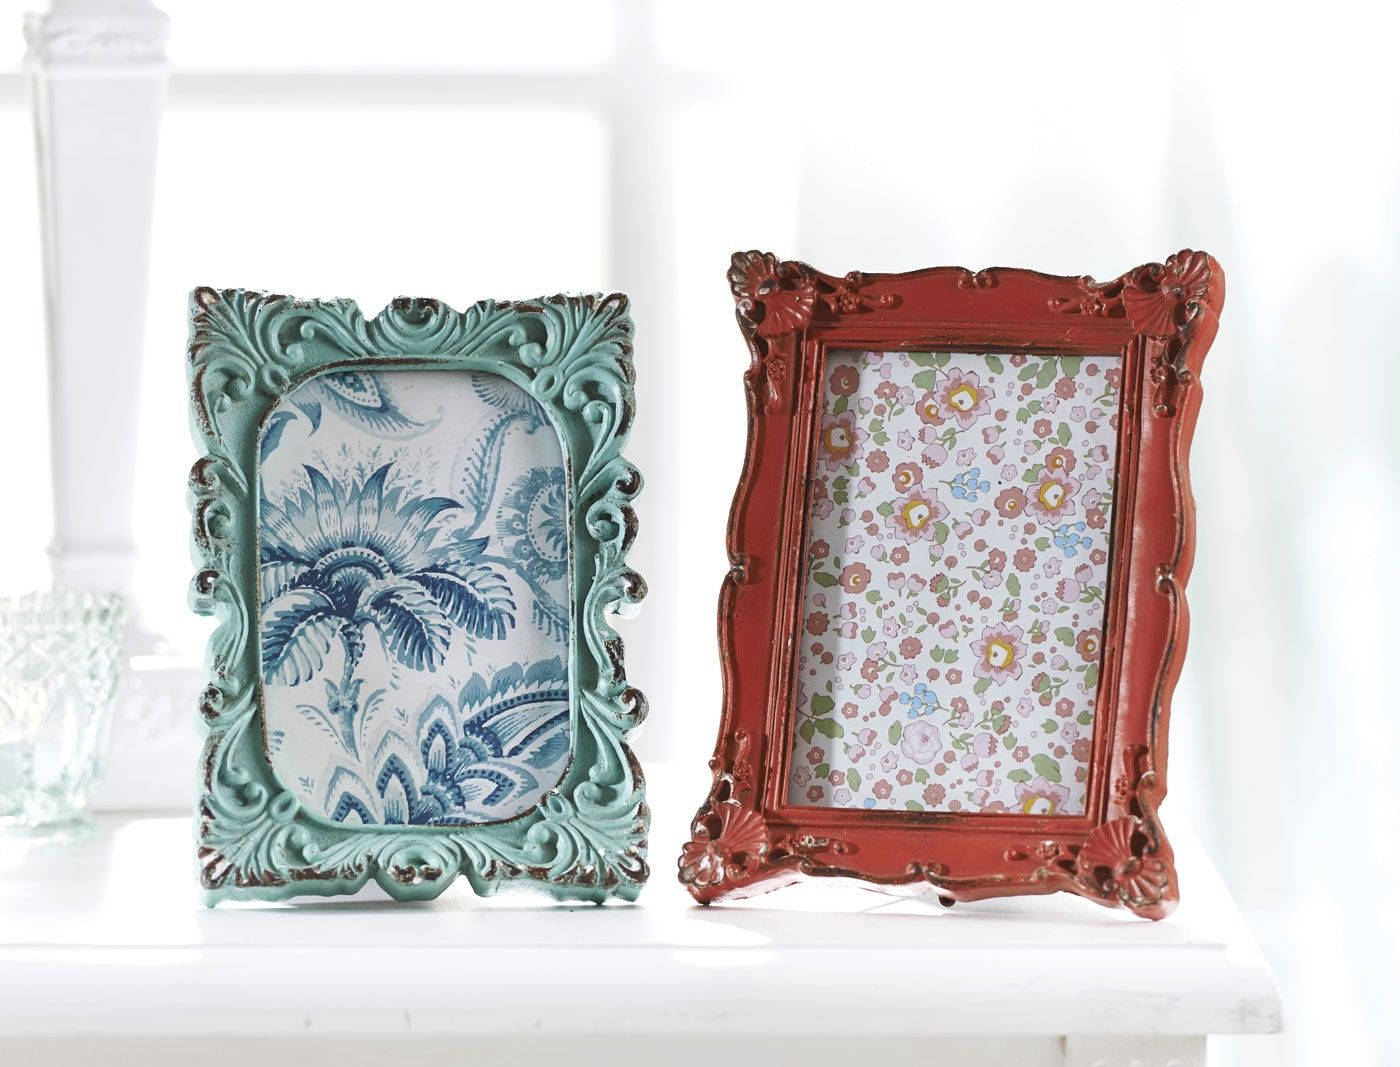 DECORATIVE WOODEN FRAMES Frame, Wooden frames, Wooden